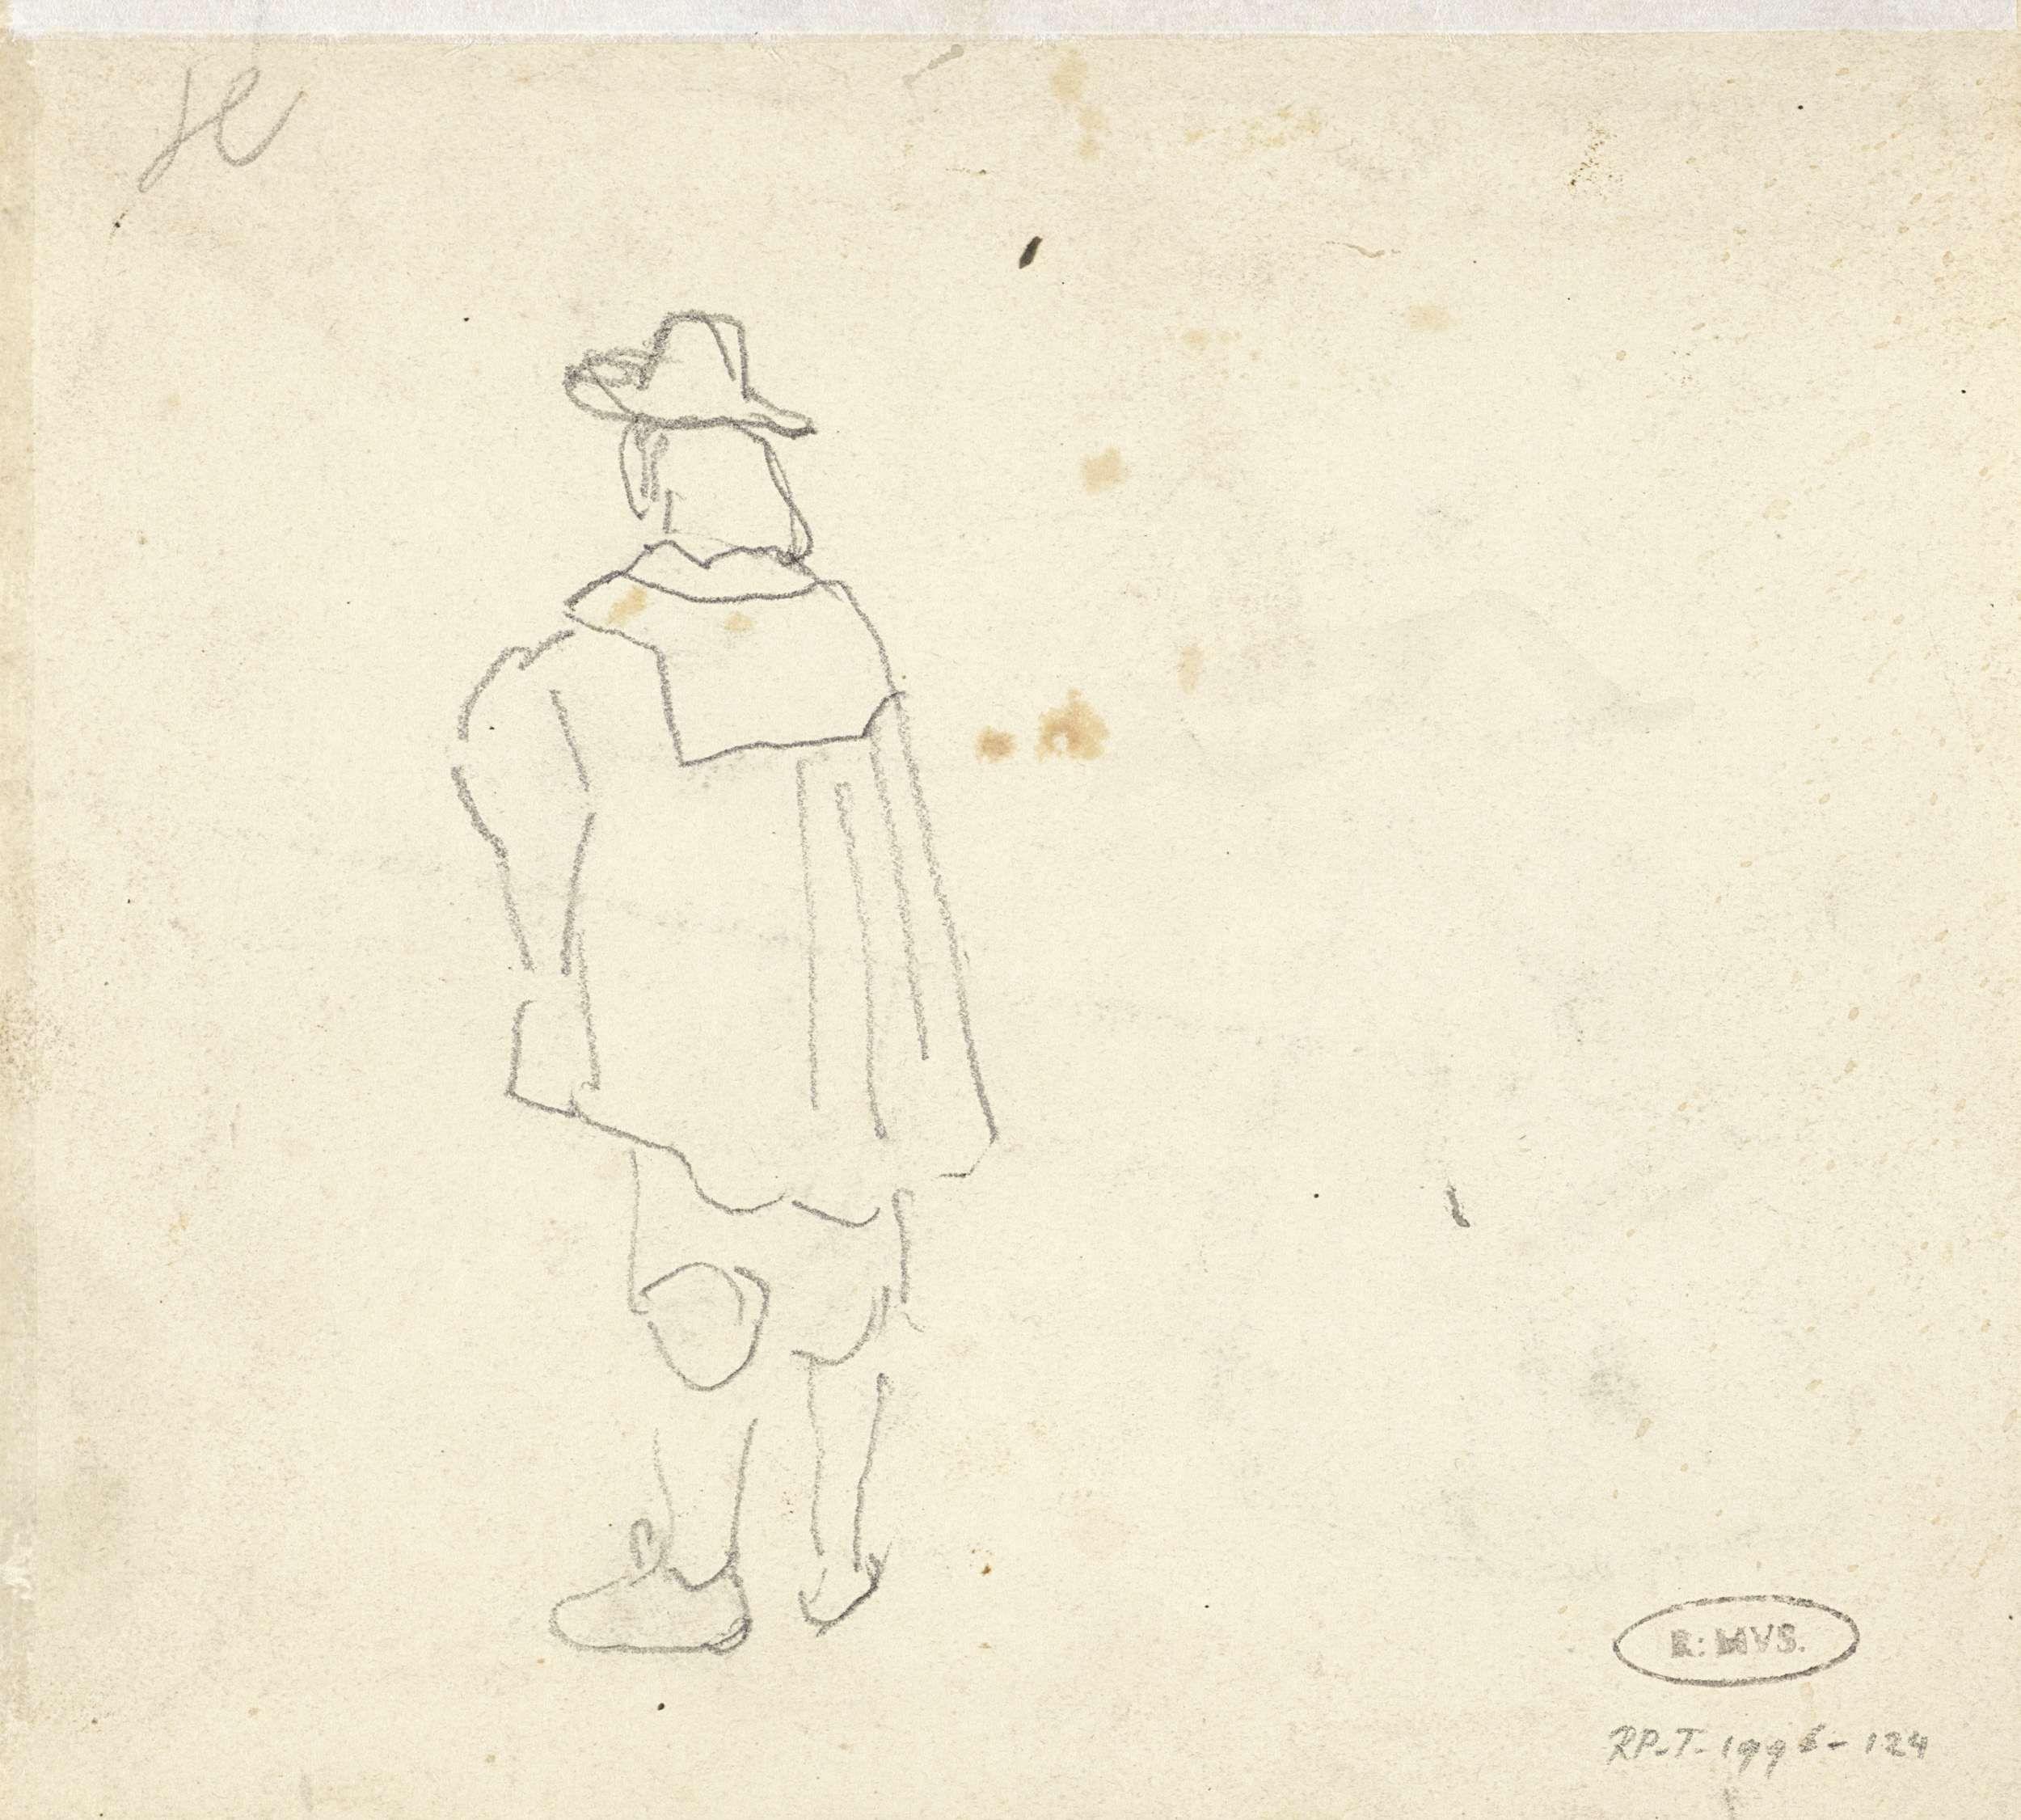 Johannes Bosboom | Studie van een man in zeventiende-eeuwse kleding, Johannes Bosboom, 1827 - 1891 |